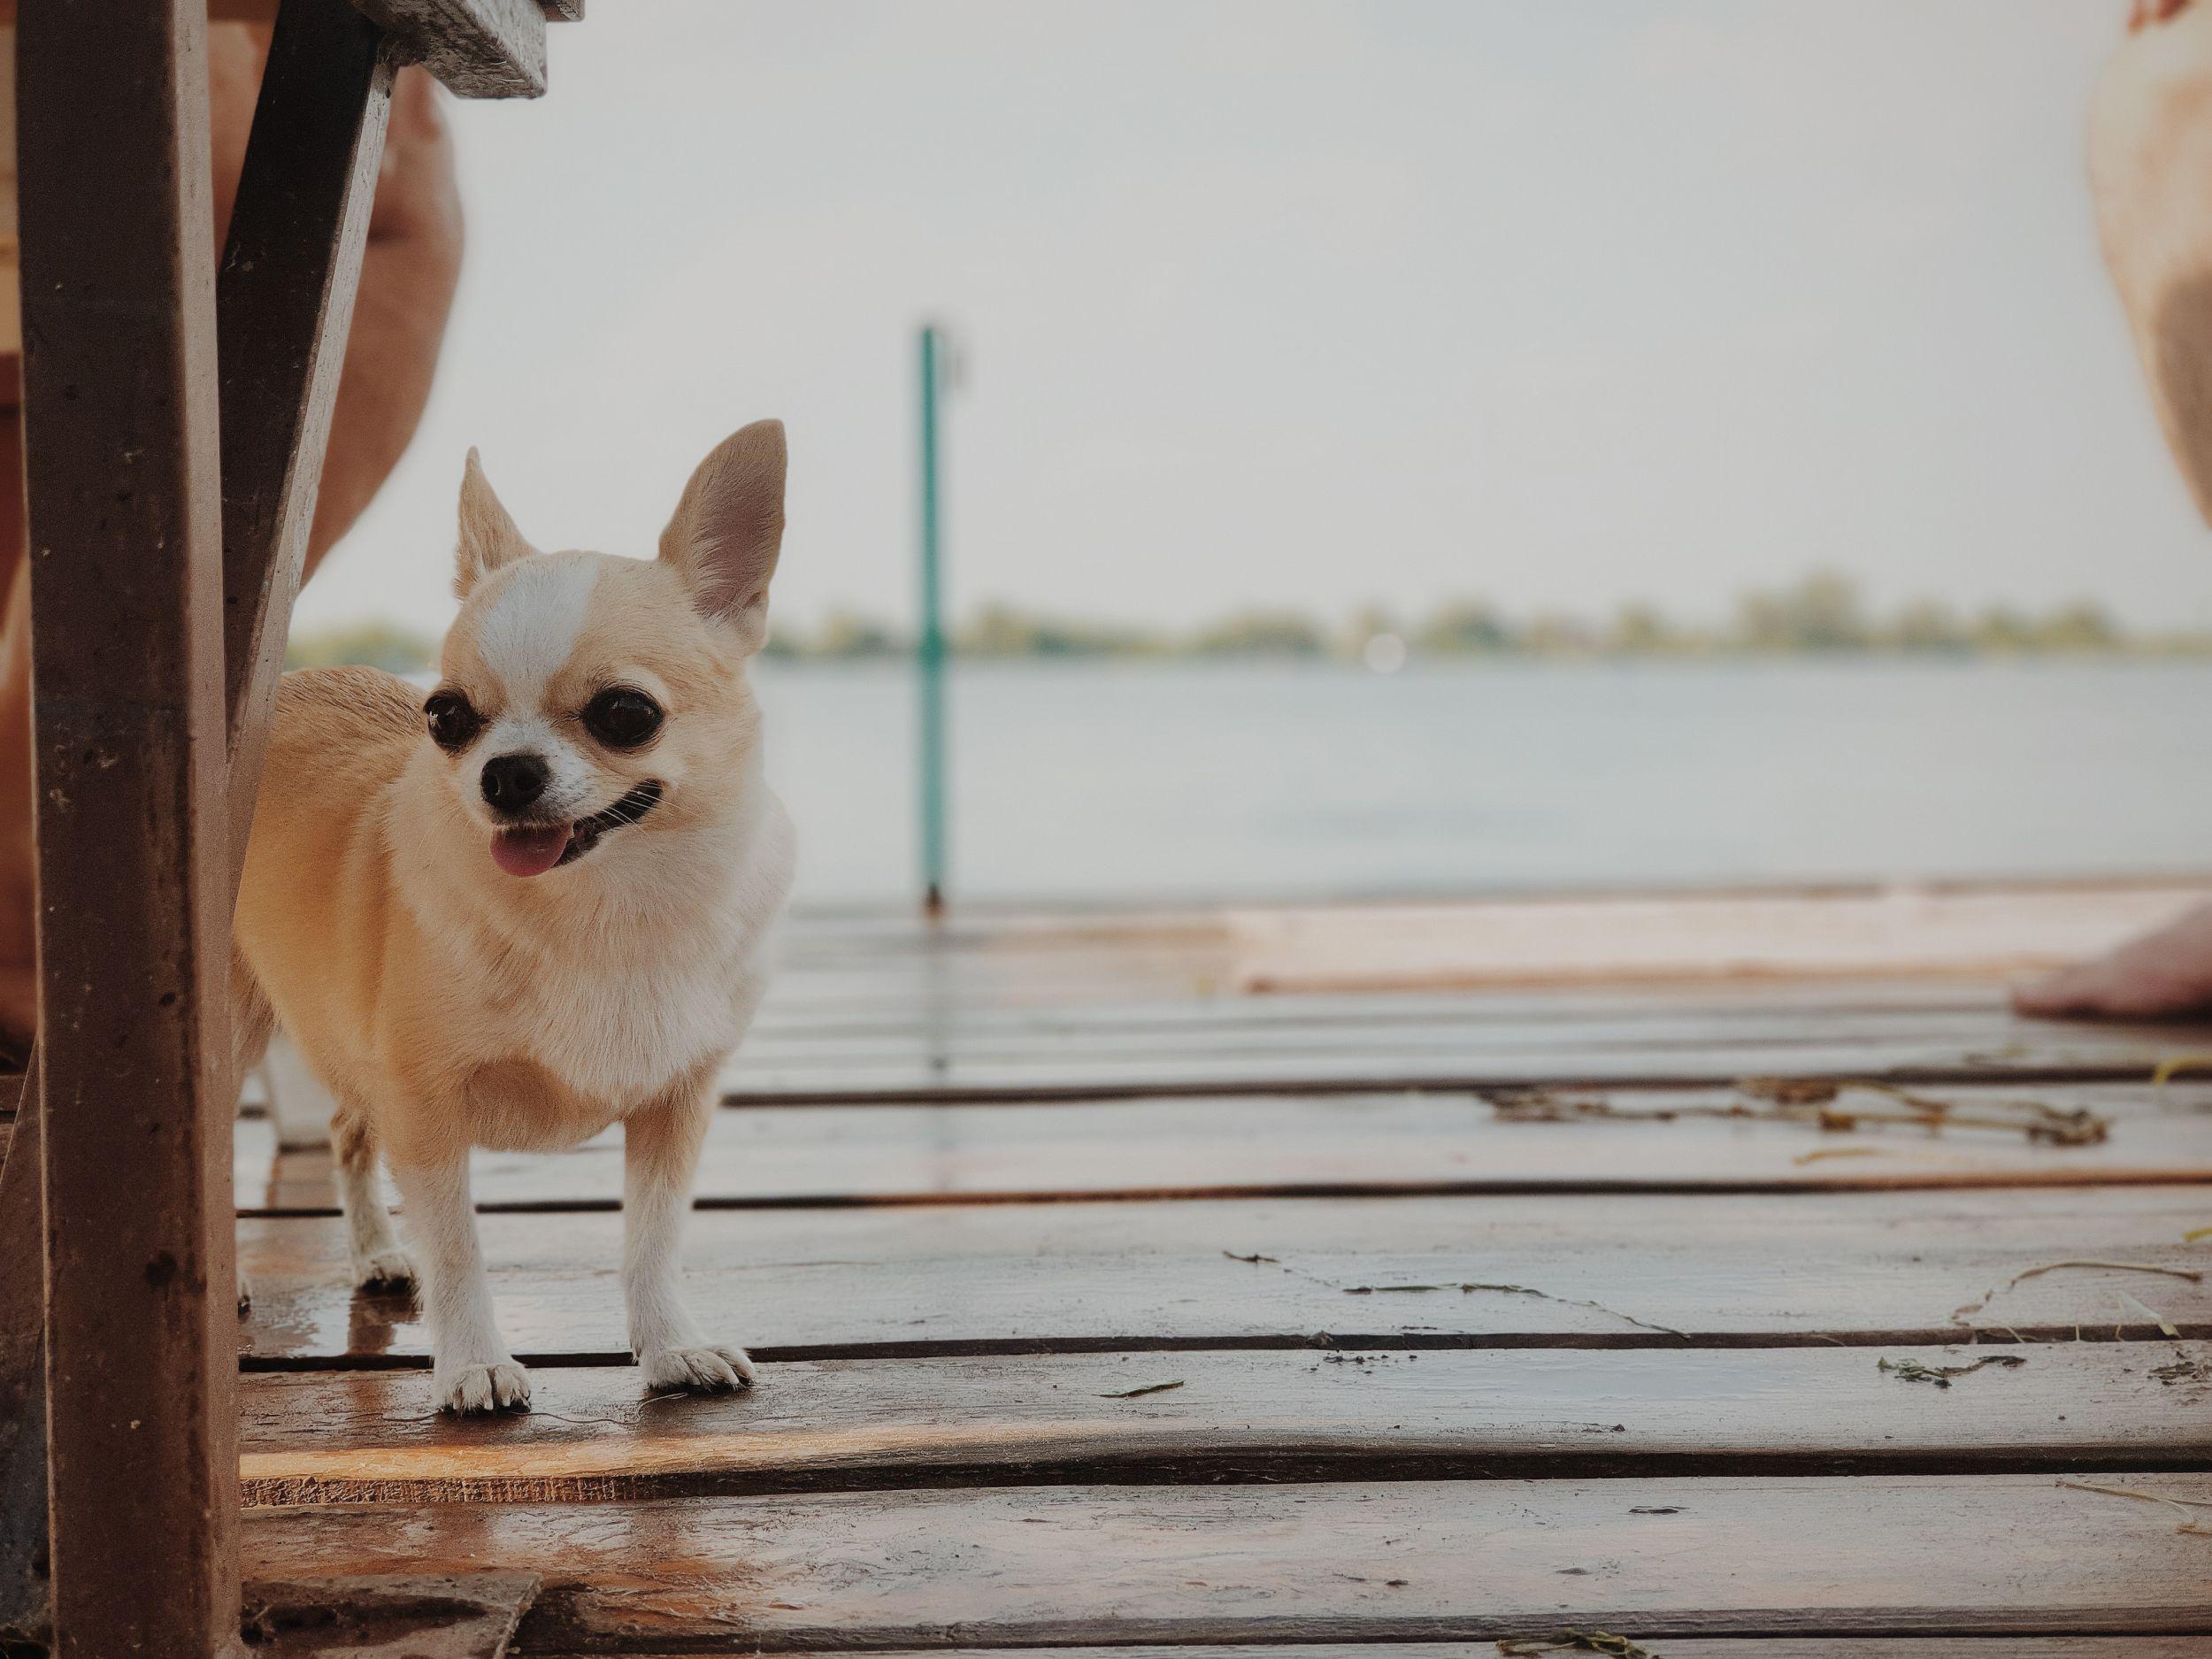 Dogilike.com :: 4 ทริคสร้างความมั่นใจให้หมาแมว ก่อนพาไปหาหมอครั้งแรก